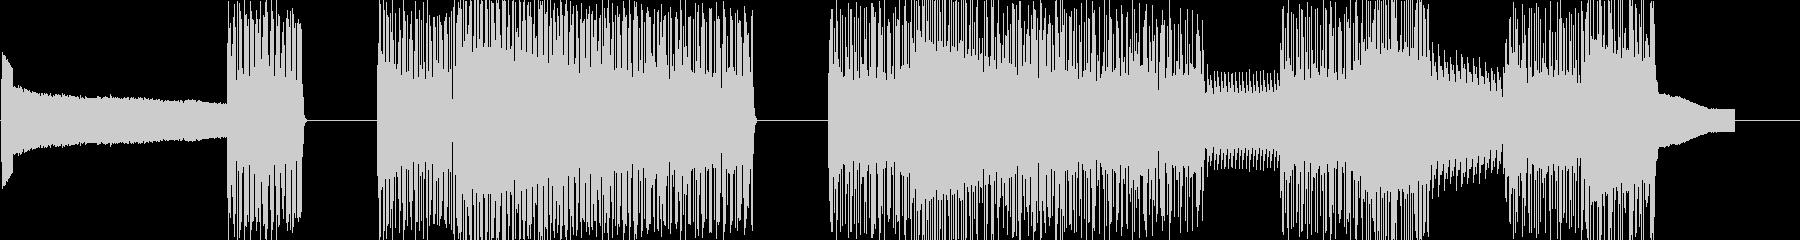 レトロゲームなチップチューンジングル21の未再生の波形